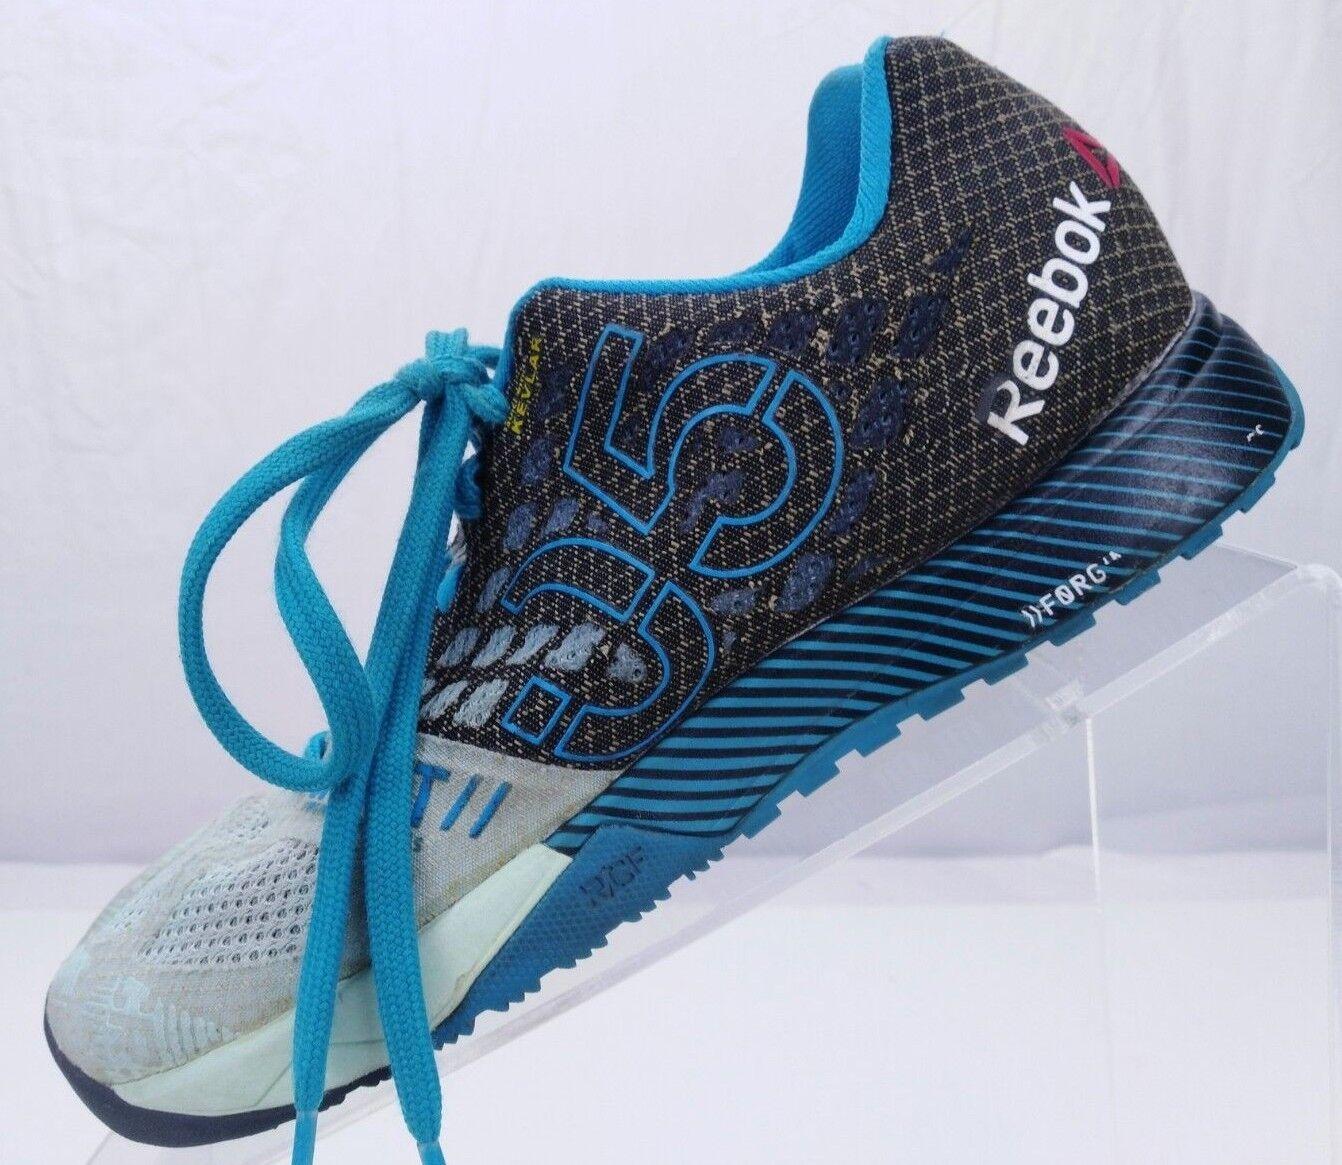 Reebok CrossFit Nano 5.0 Running - Breeze Black Training Sneakers Women's Sz 6.5